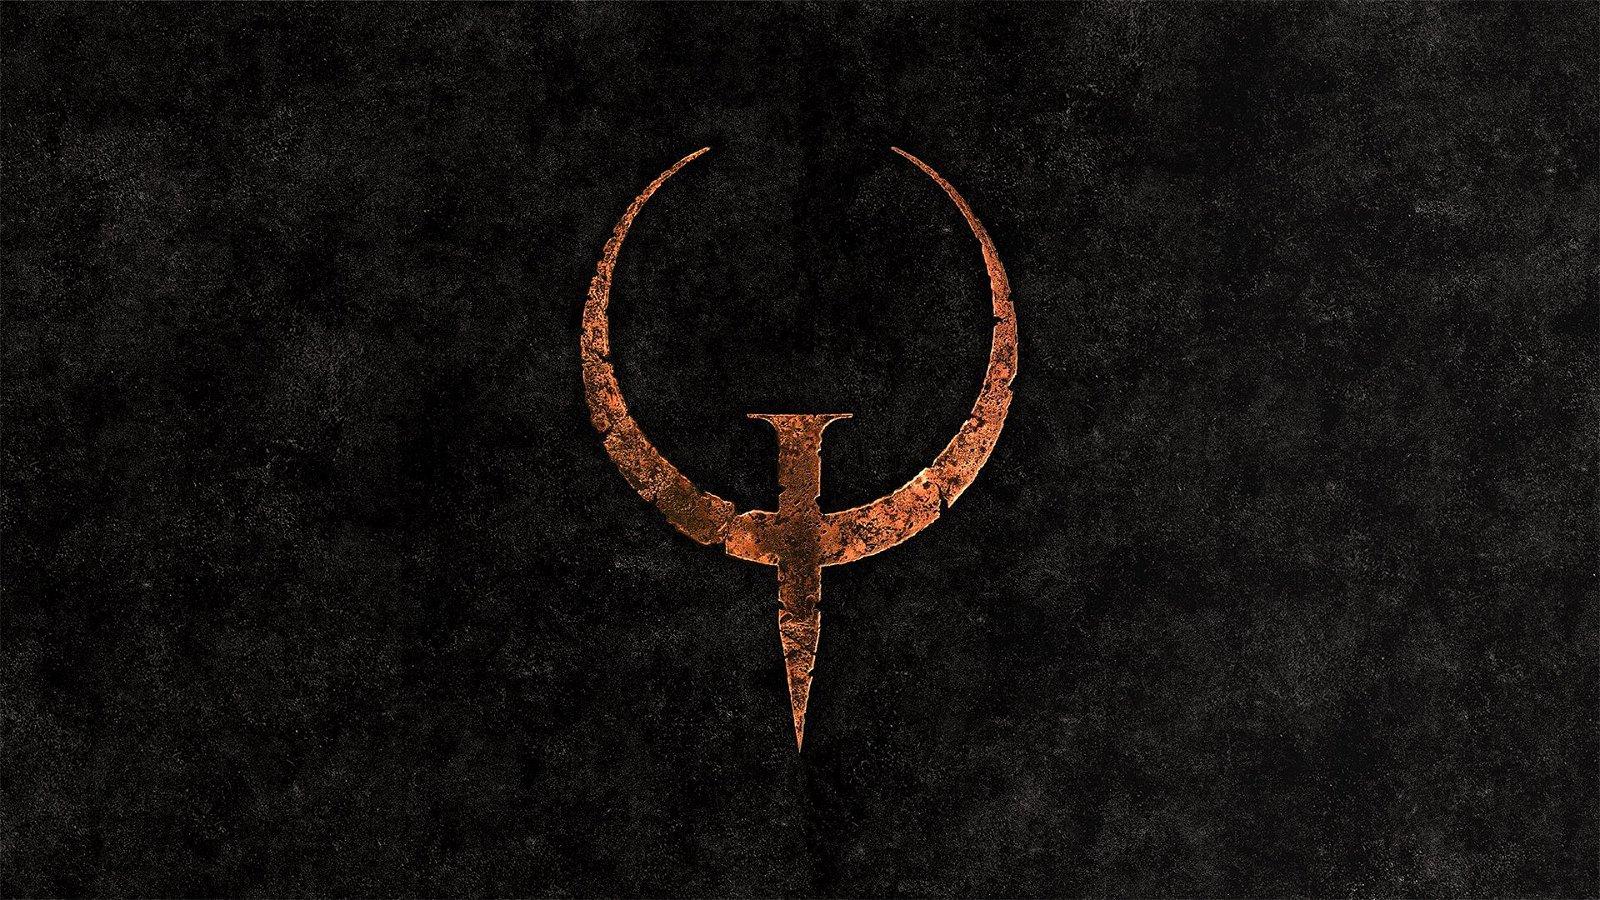 Quake October 12 Update